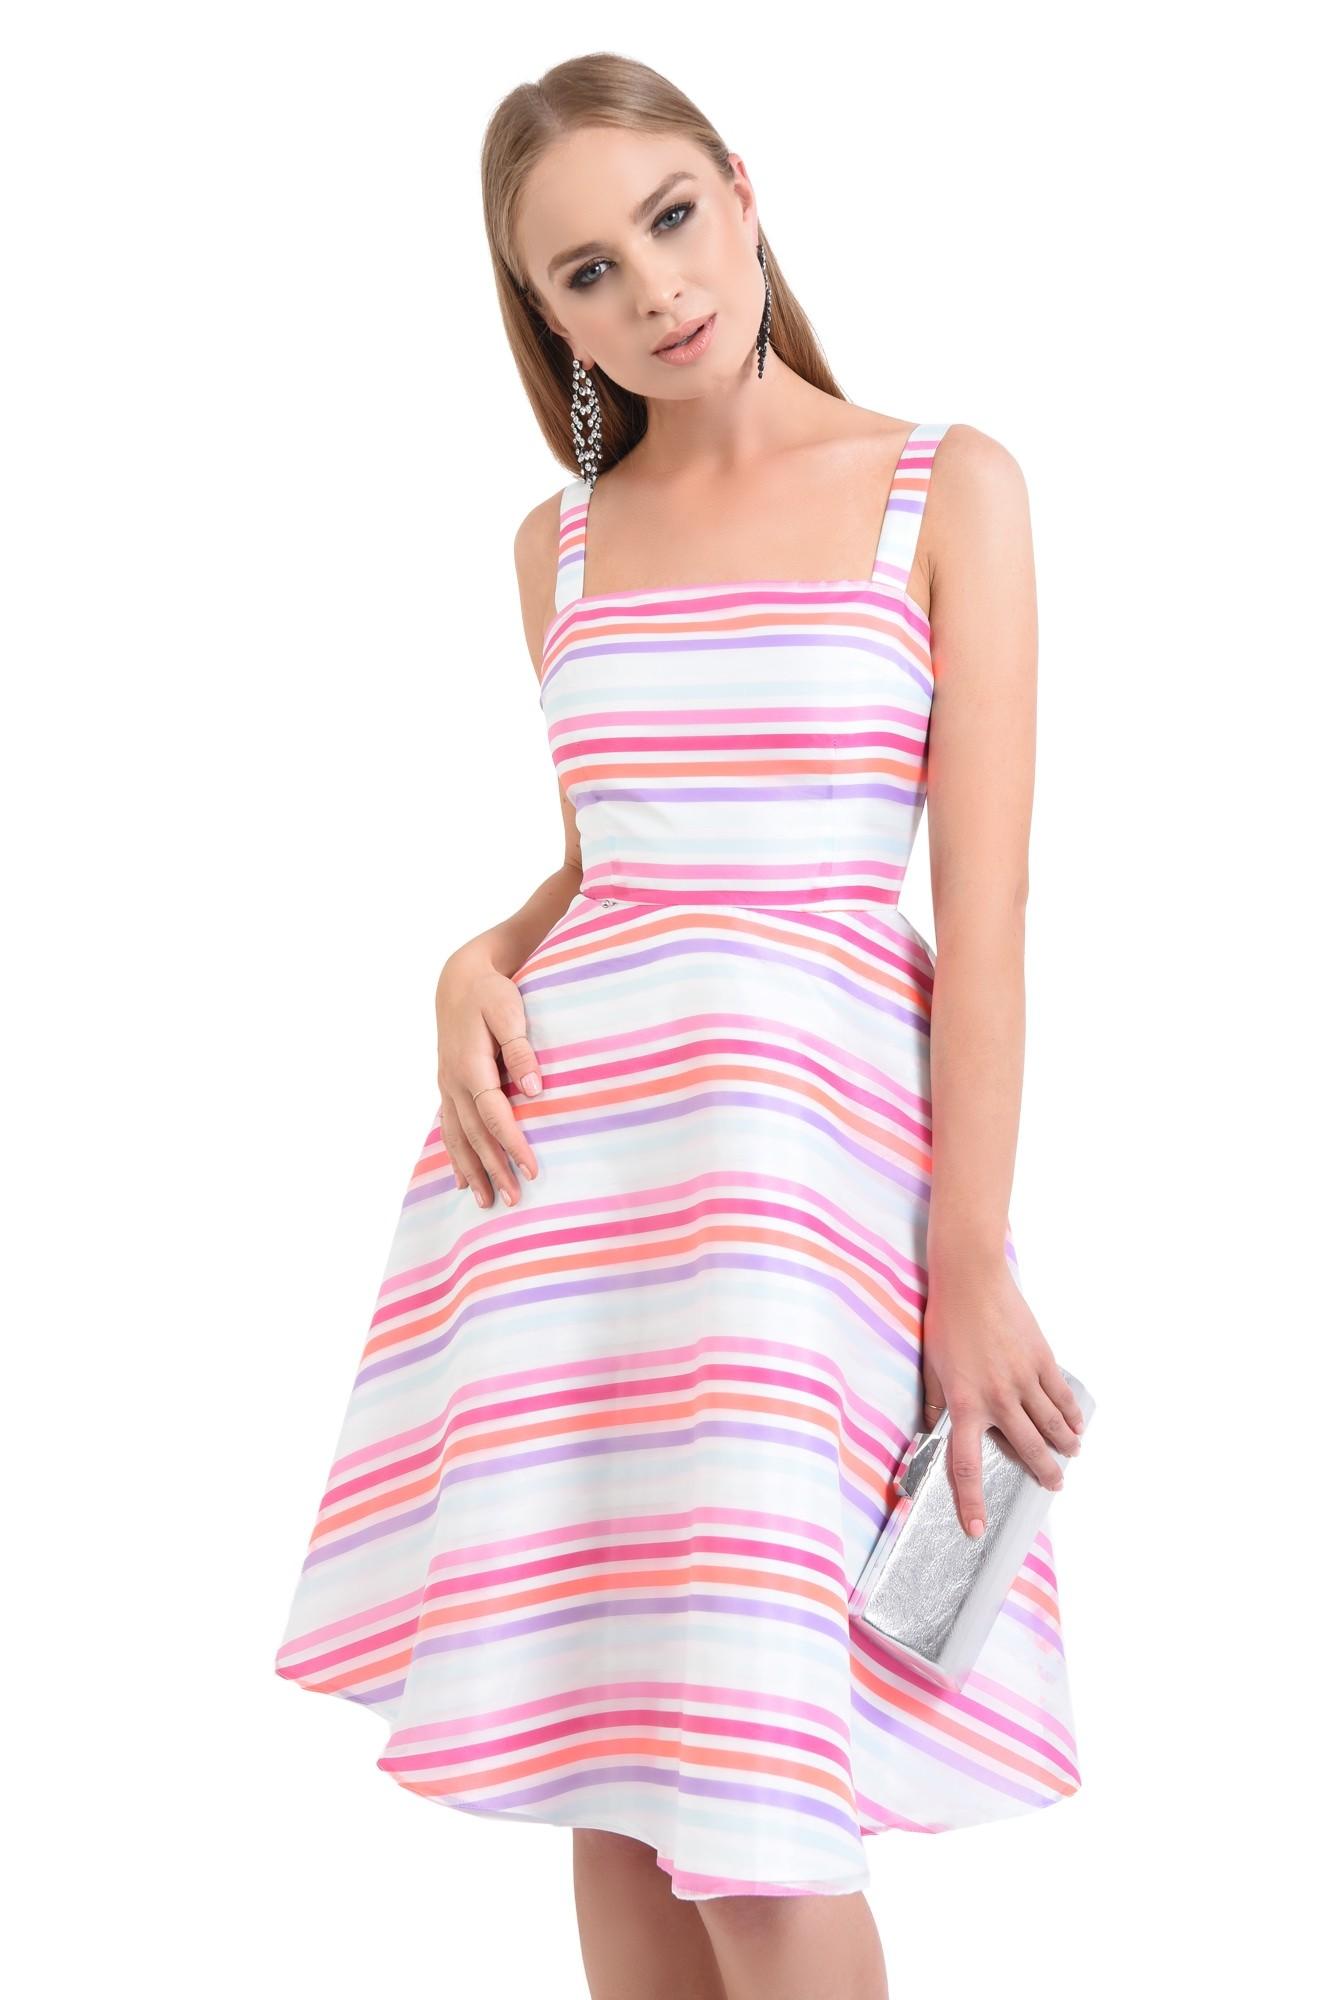 rochie eleganta, tesatura satinata, imprimeu dungi, rochii de dama online